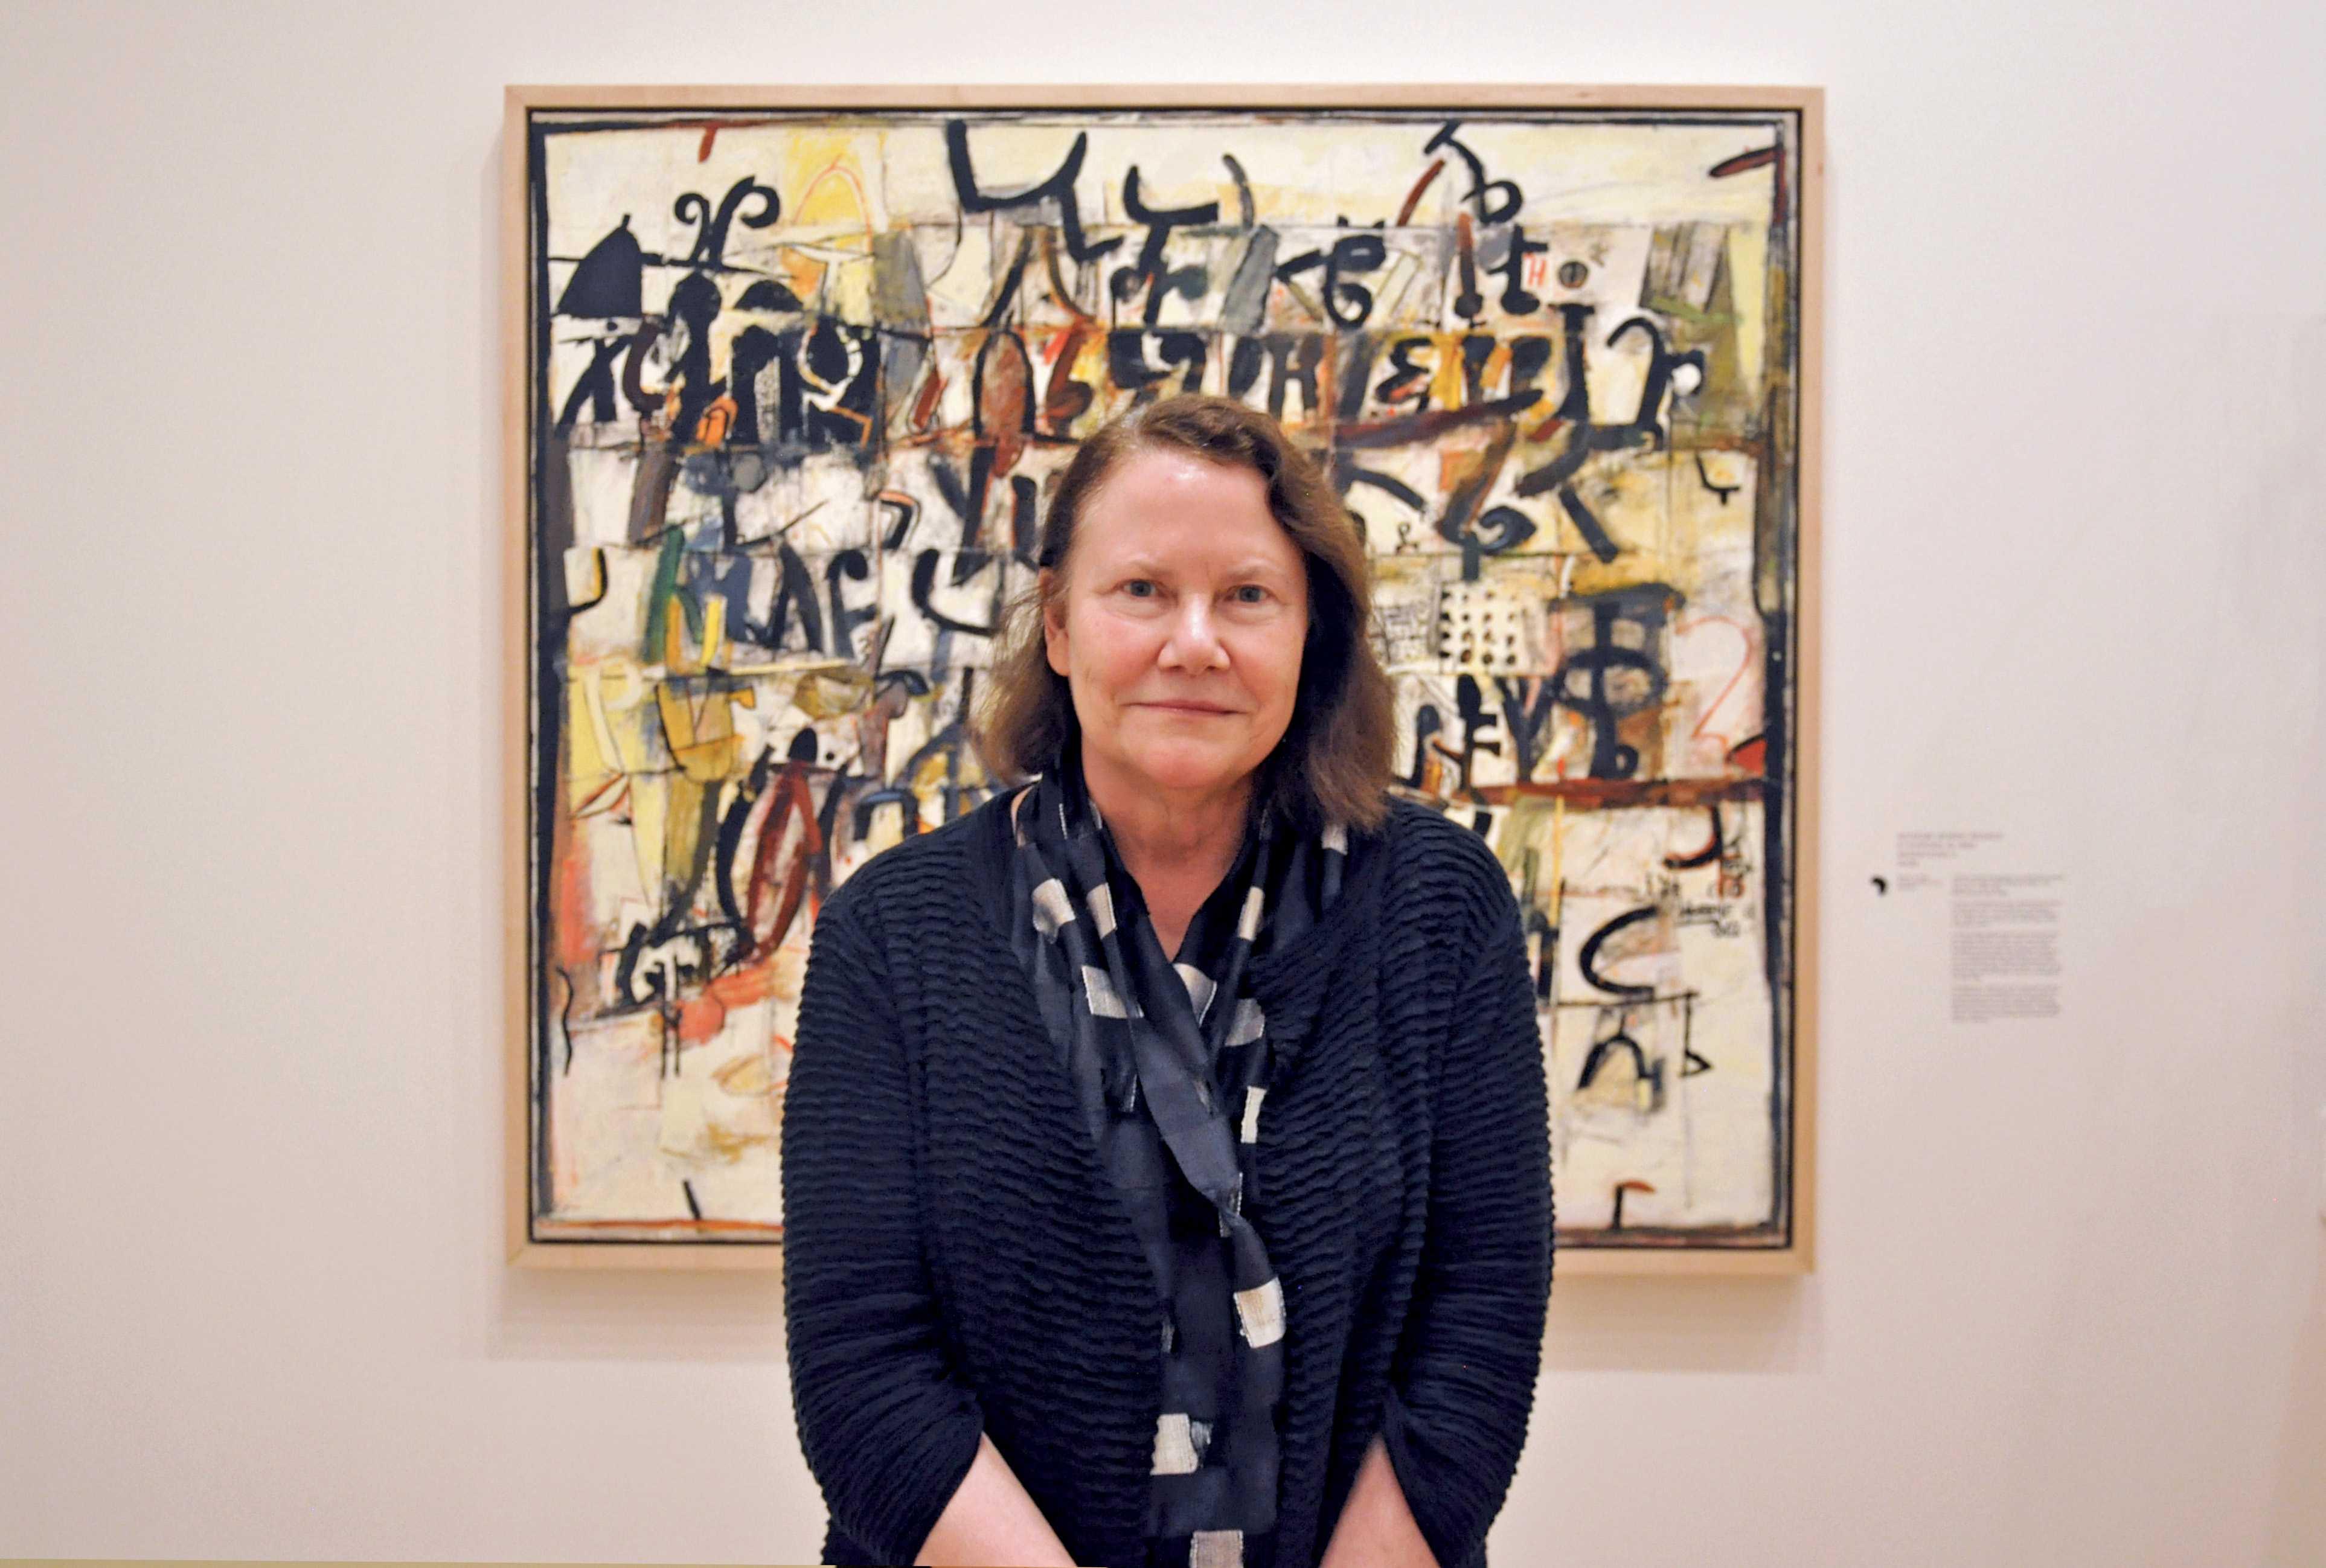 New Krannert Art Museum Director Kathleen Harleman at the Krannert Art Museum on September 28, 2015.